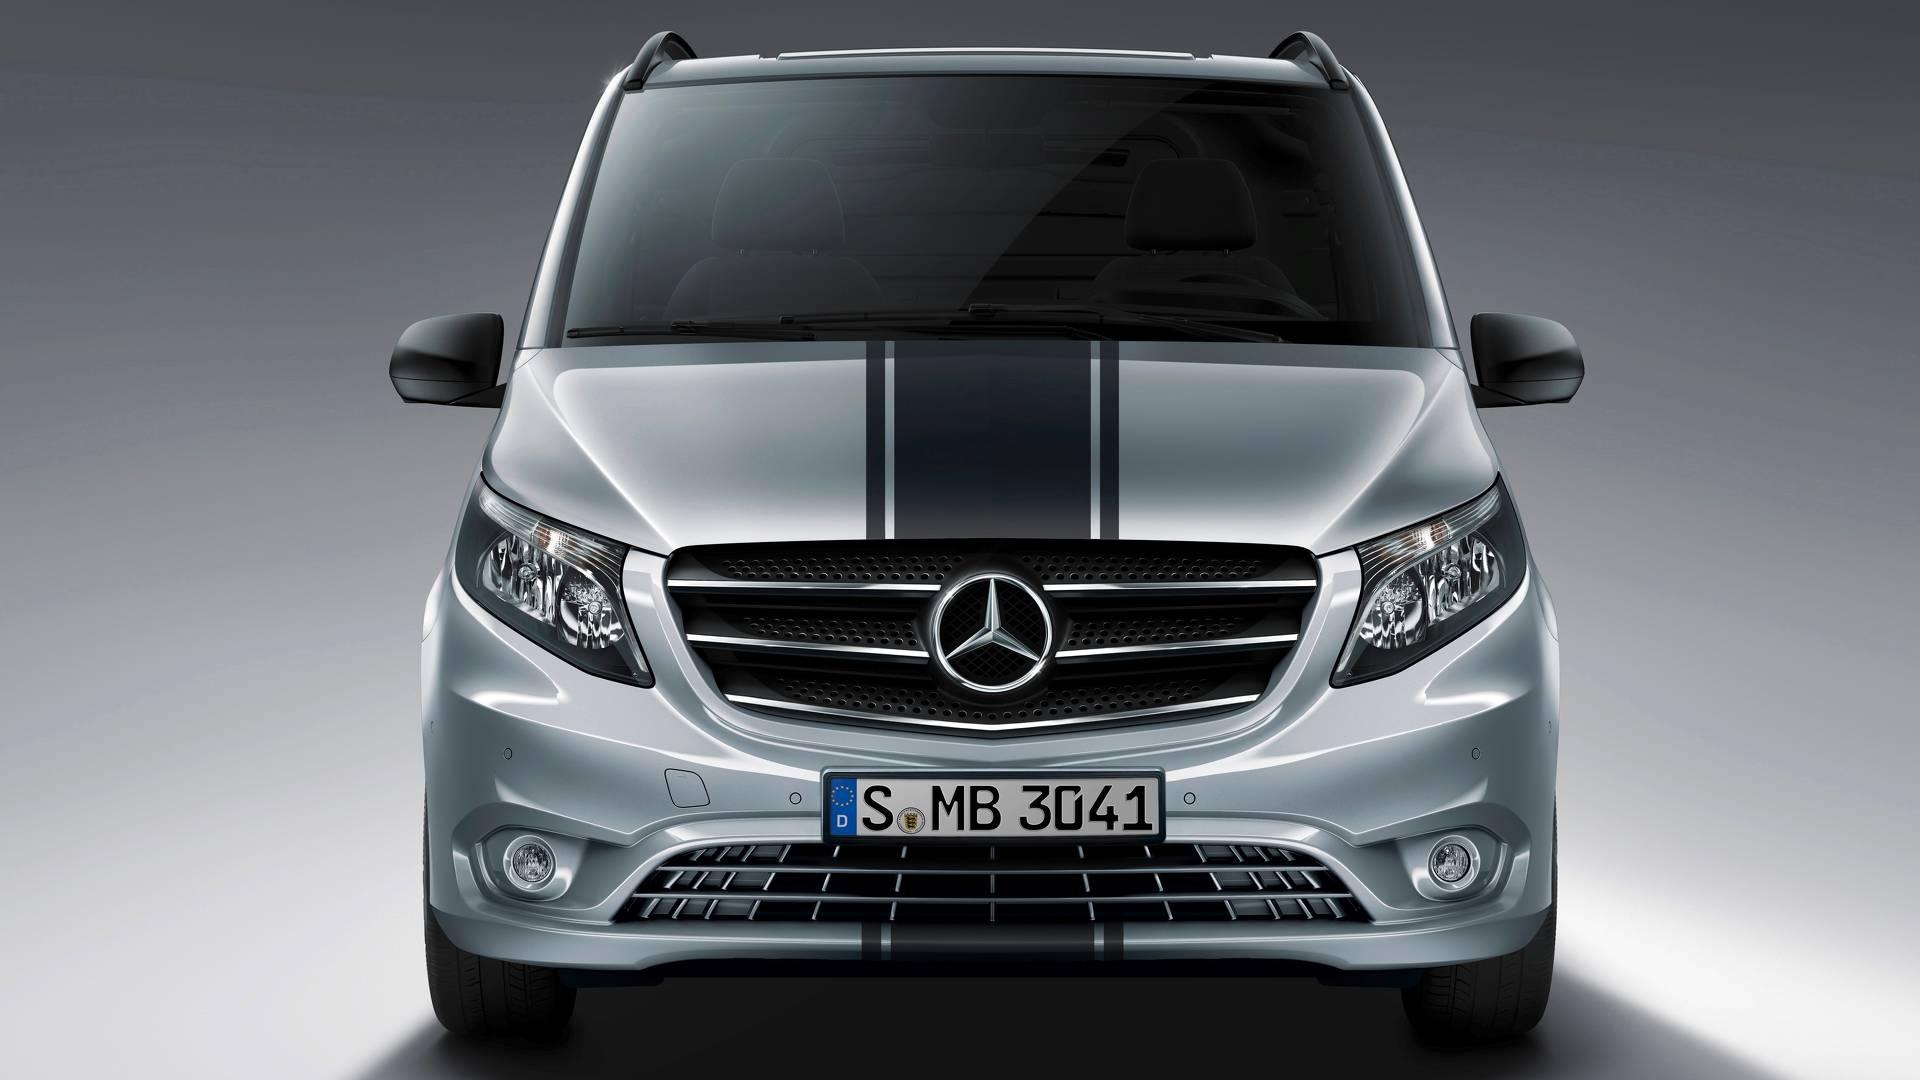 mercedes benz vito sport line مرسدس ویتو رونمایی شد   اجاره ماشین